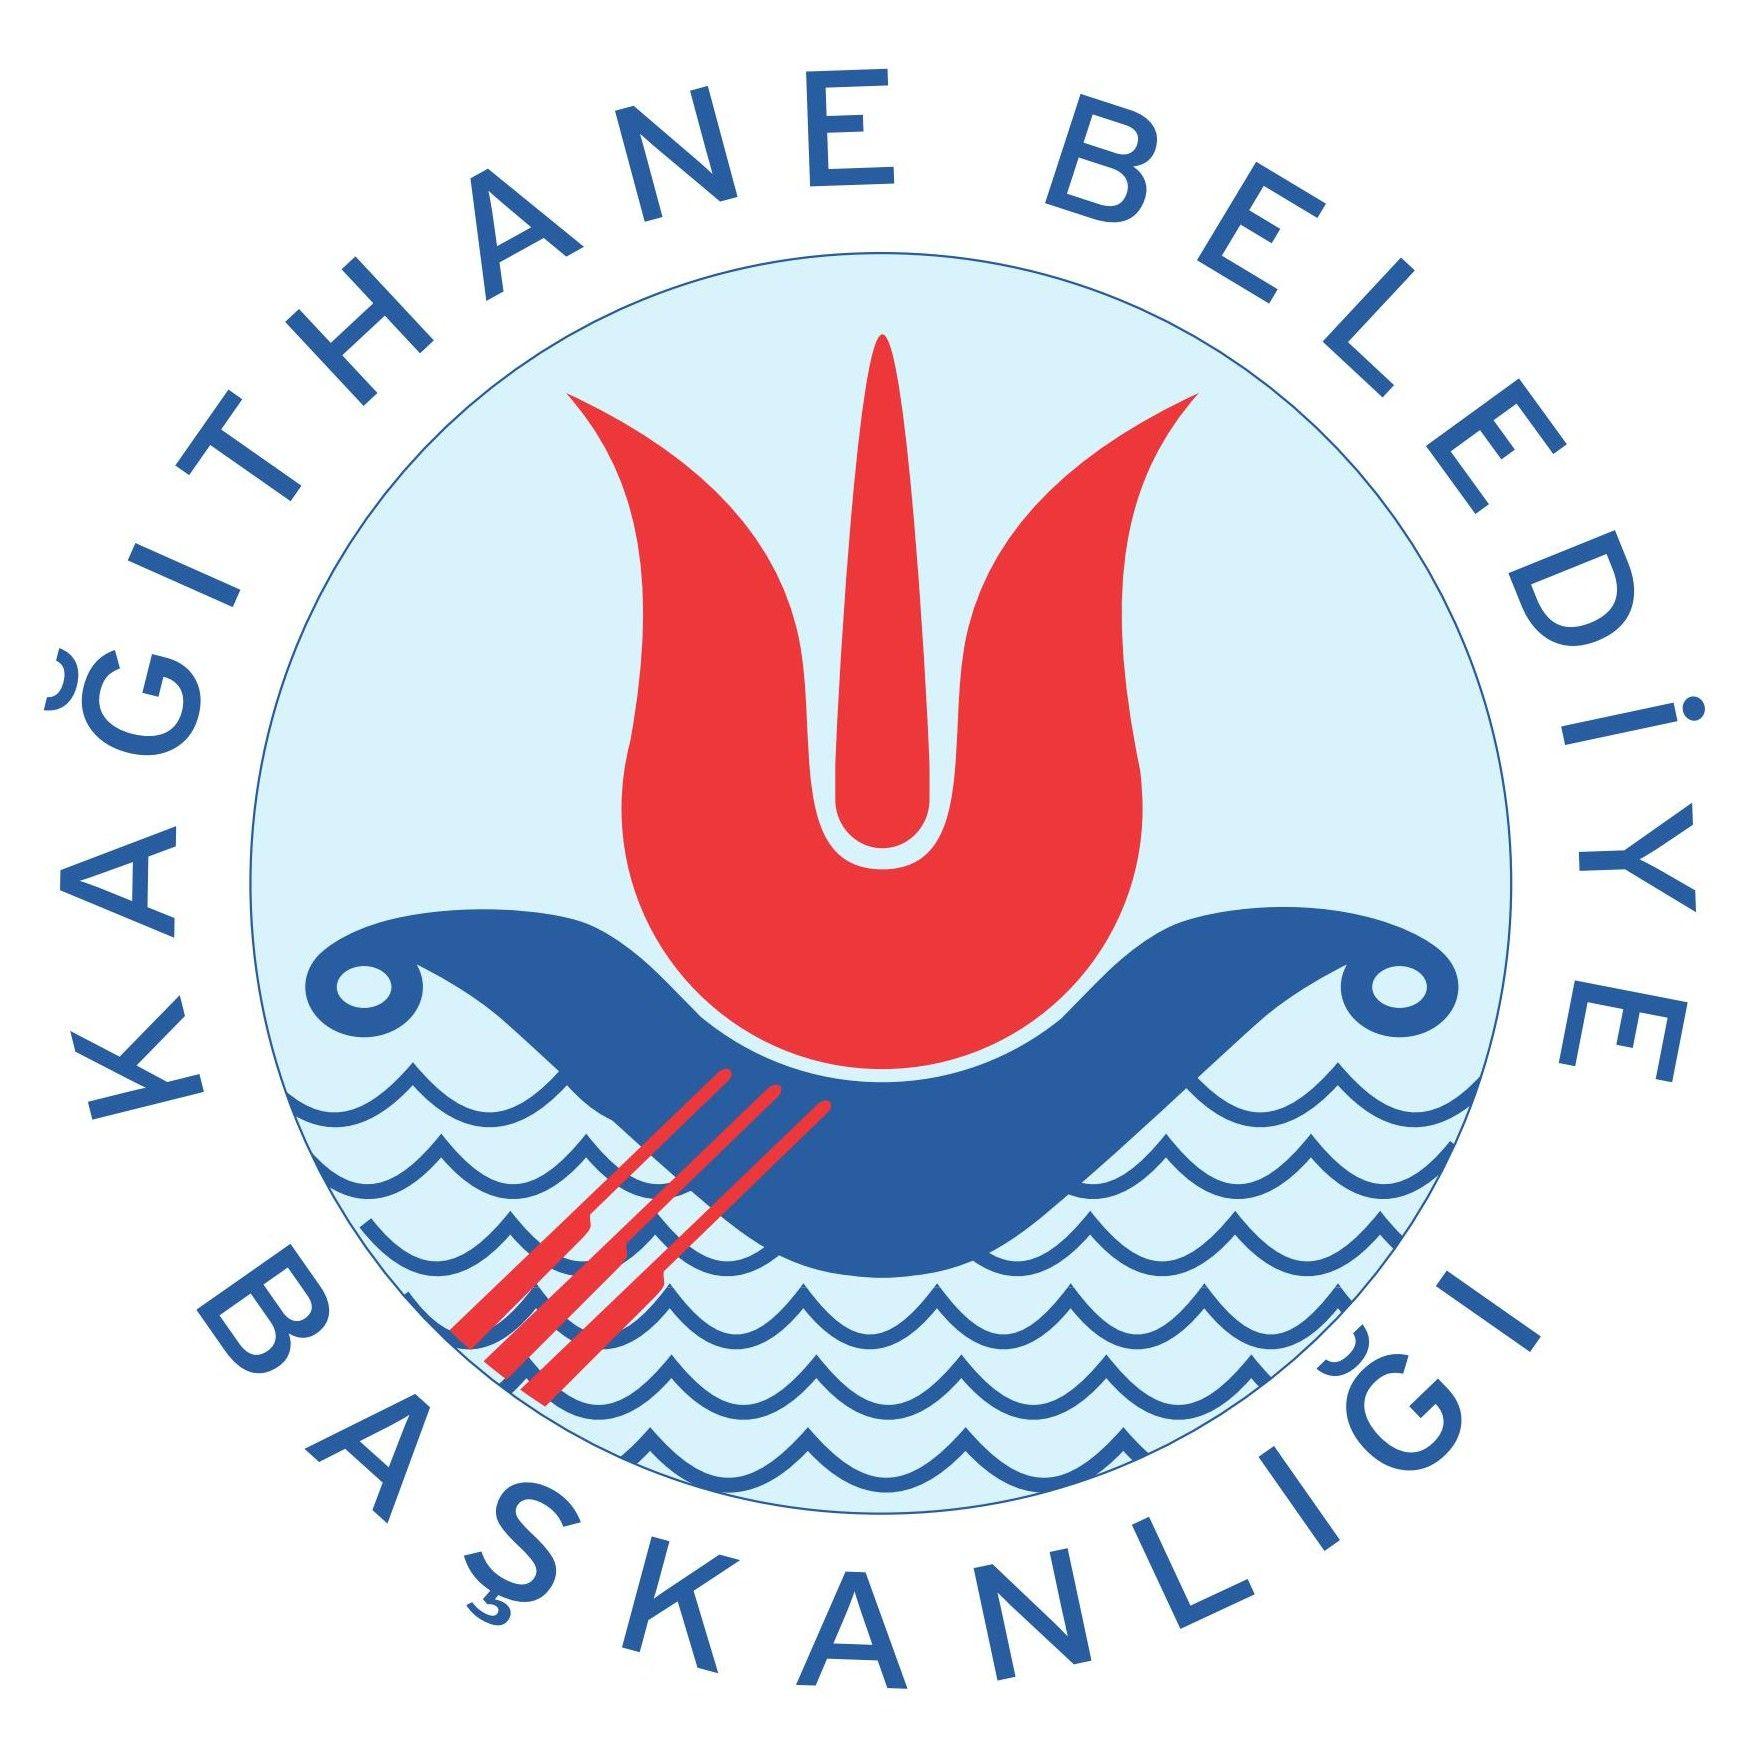 Kağıthane Belediyesi İstanbul Logo [2 EPS File]